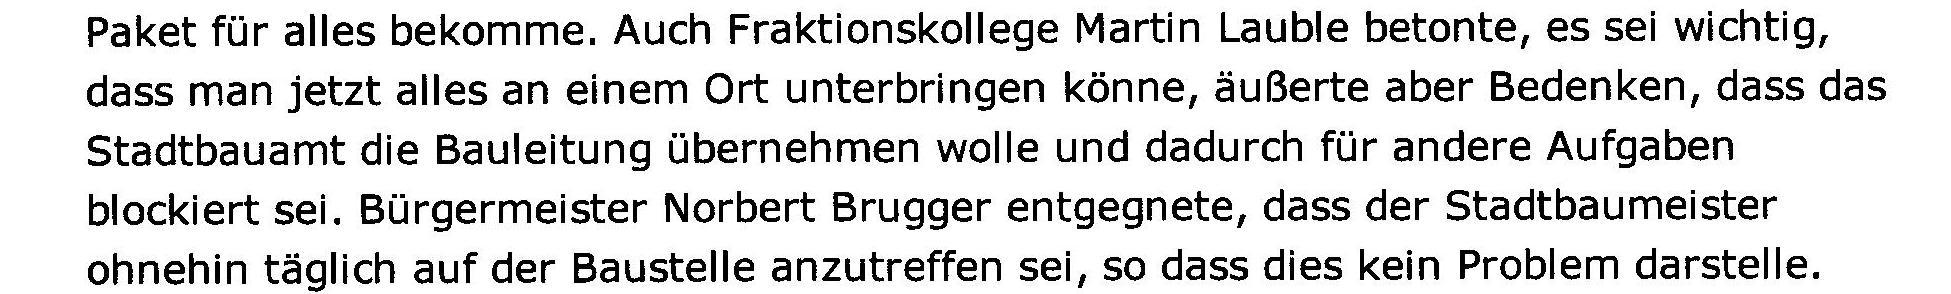 bauleitung 001